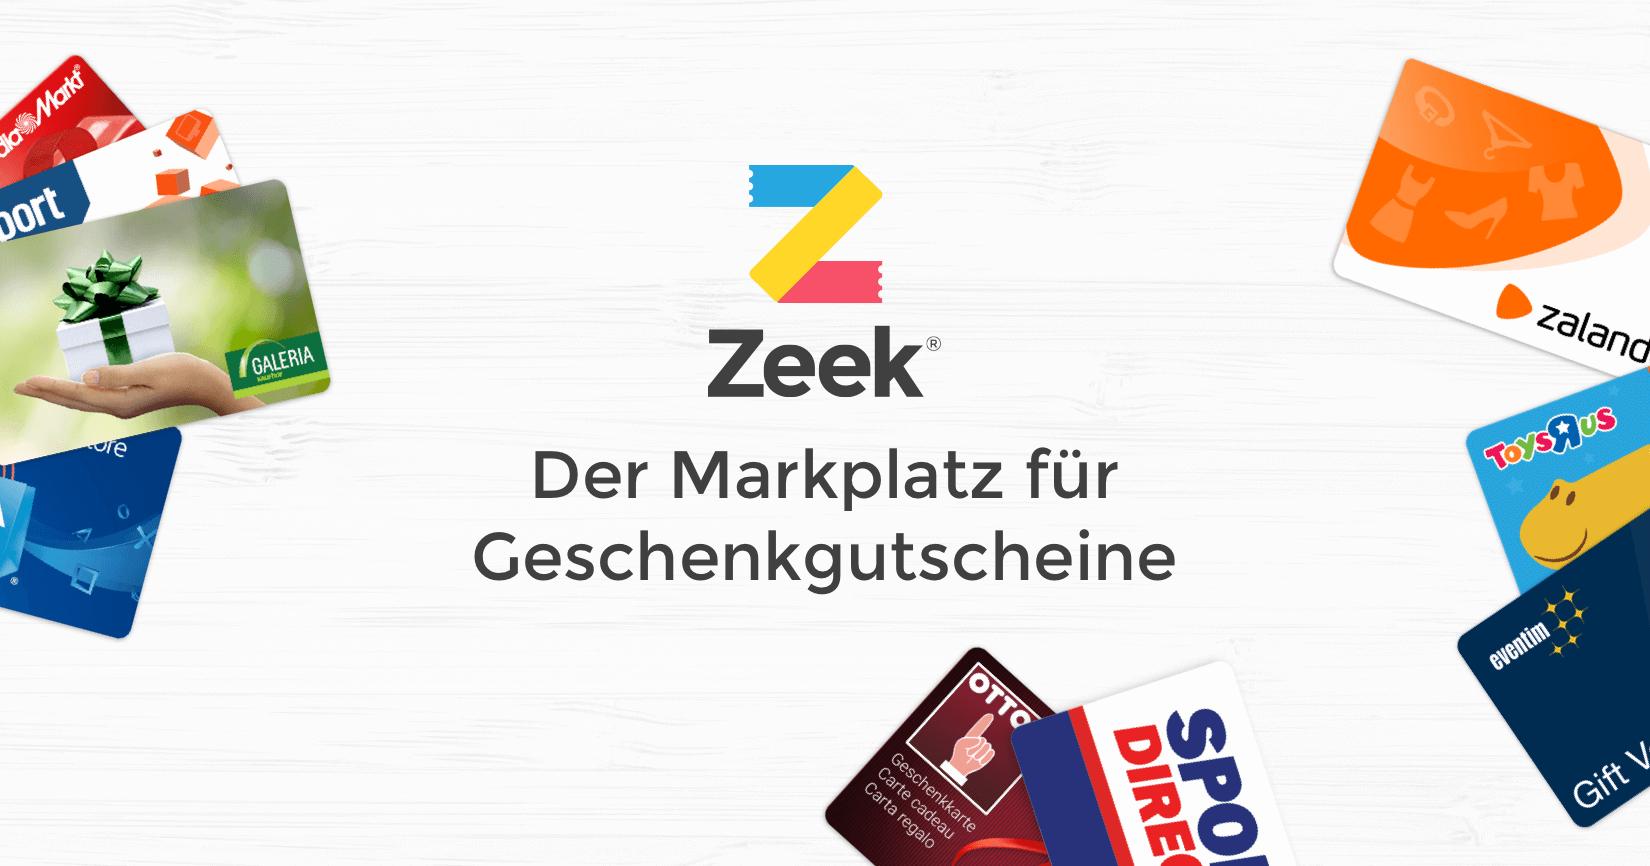 [zeek.me] 10 Euro Decathlon Gutschein für 6 Euro